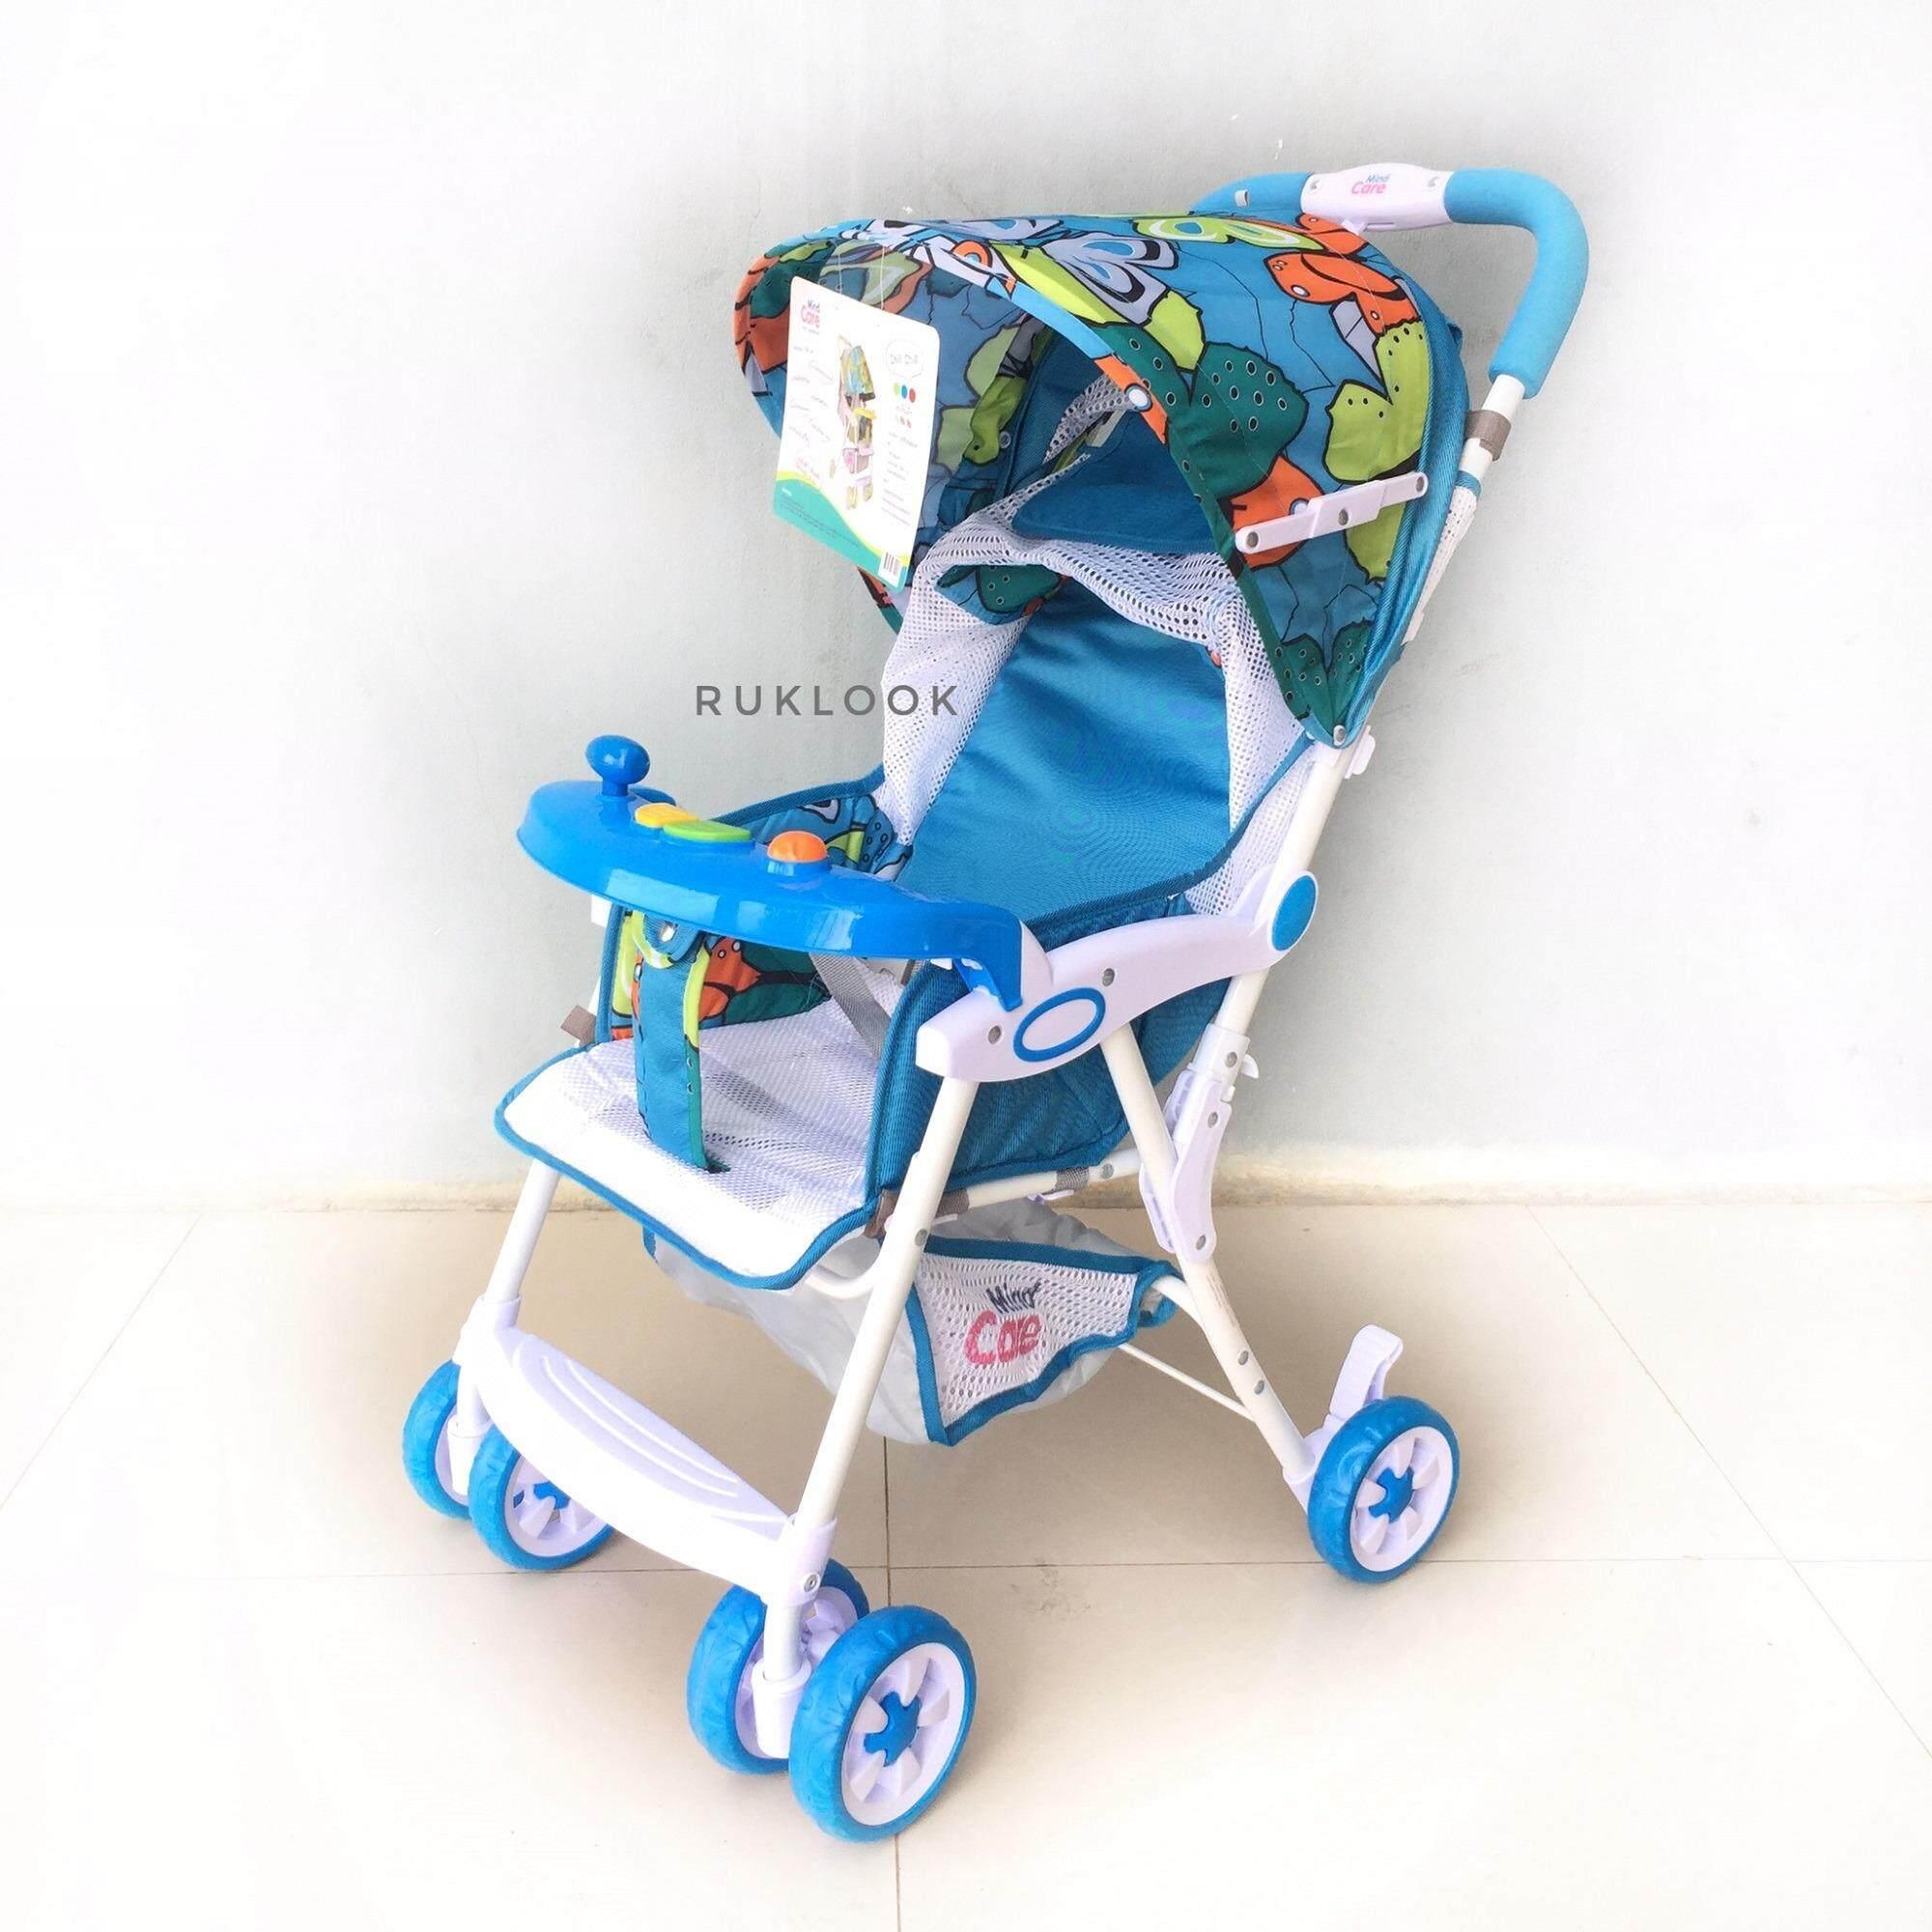 ของแท้ มีของแถม Mind Care รถเข็นเด็กแบบนอน รถเข็นเด็ก  Mind Care รุ่น Chill Chill (สีฟ้า) ของดี ราคาถูก